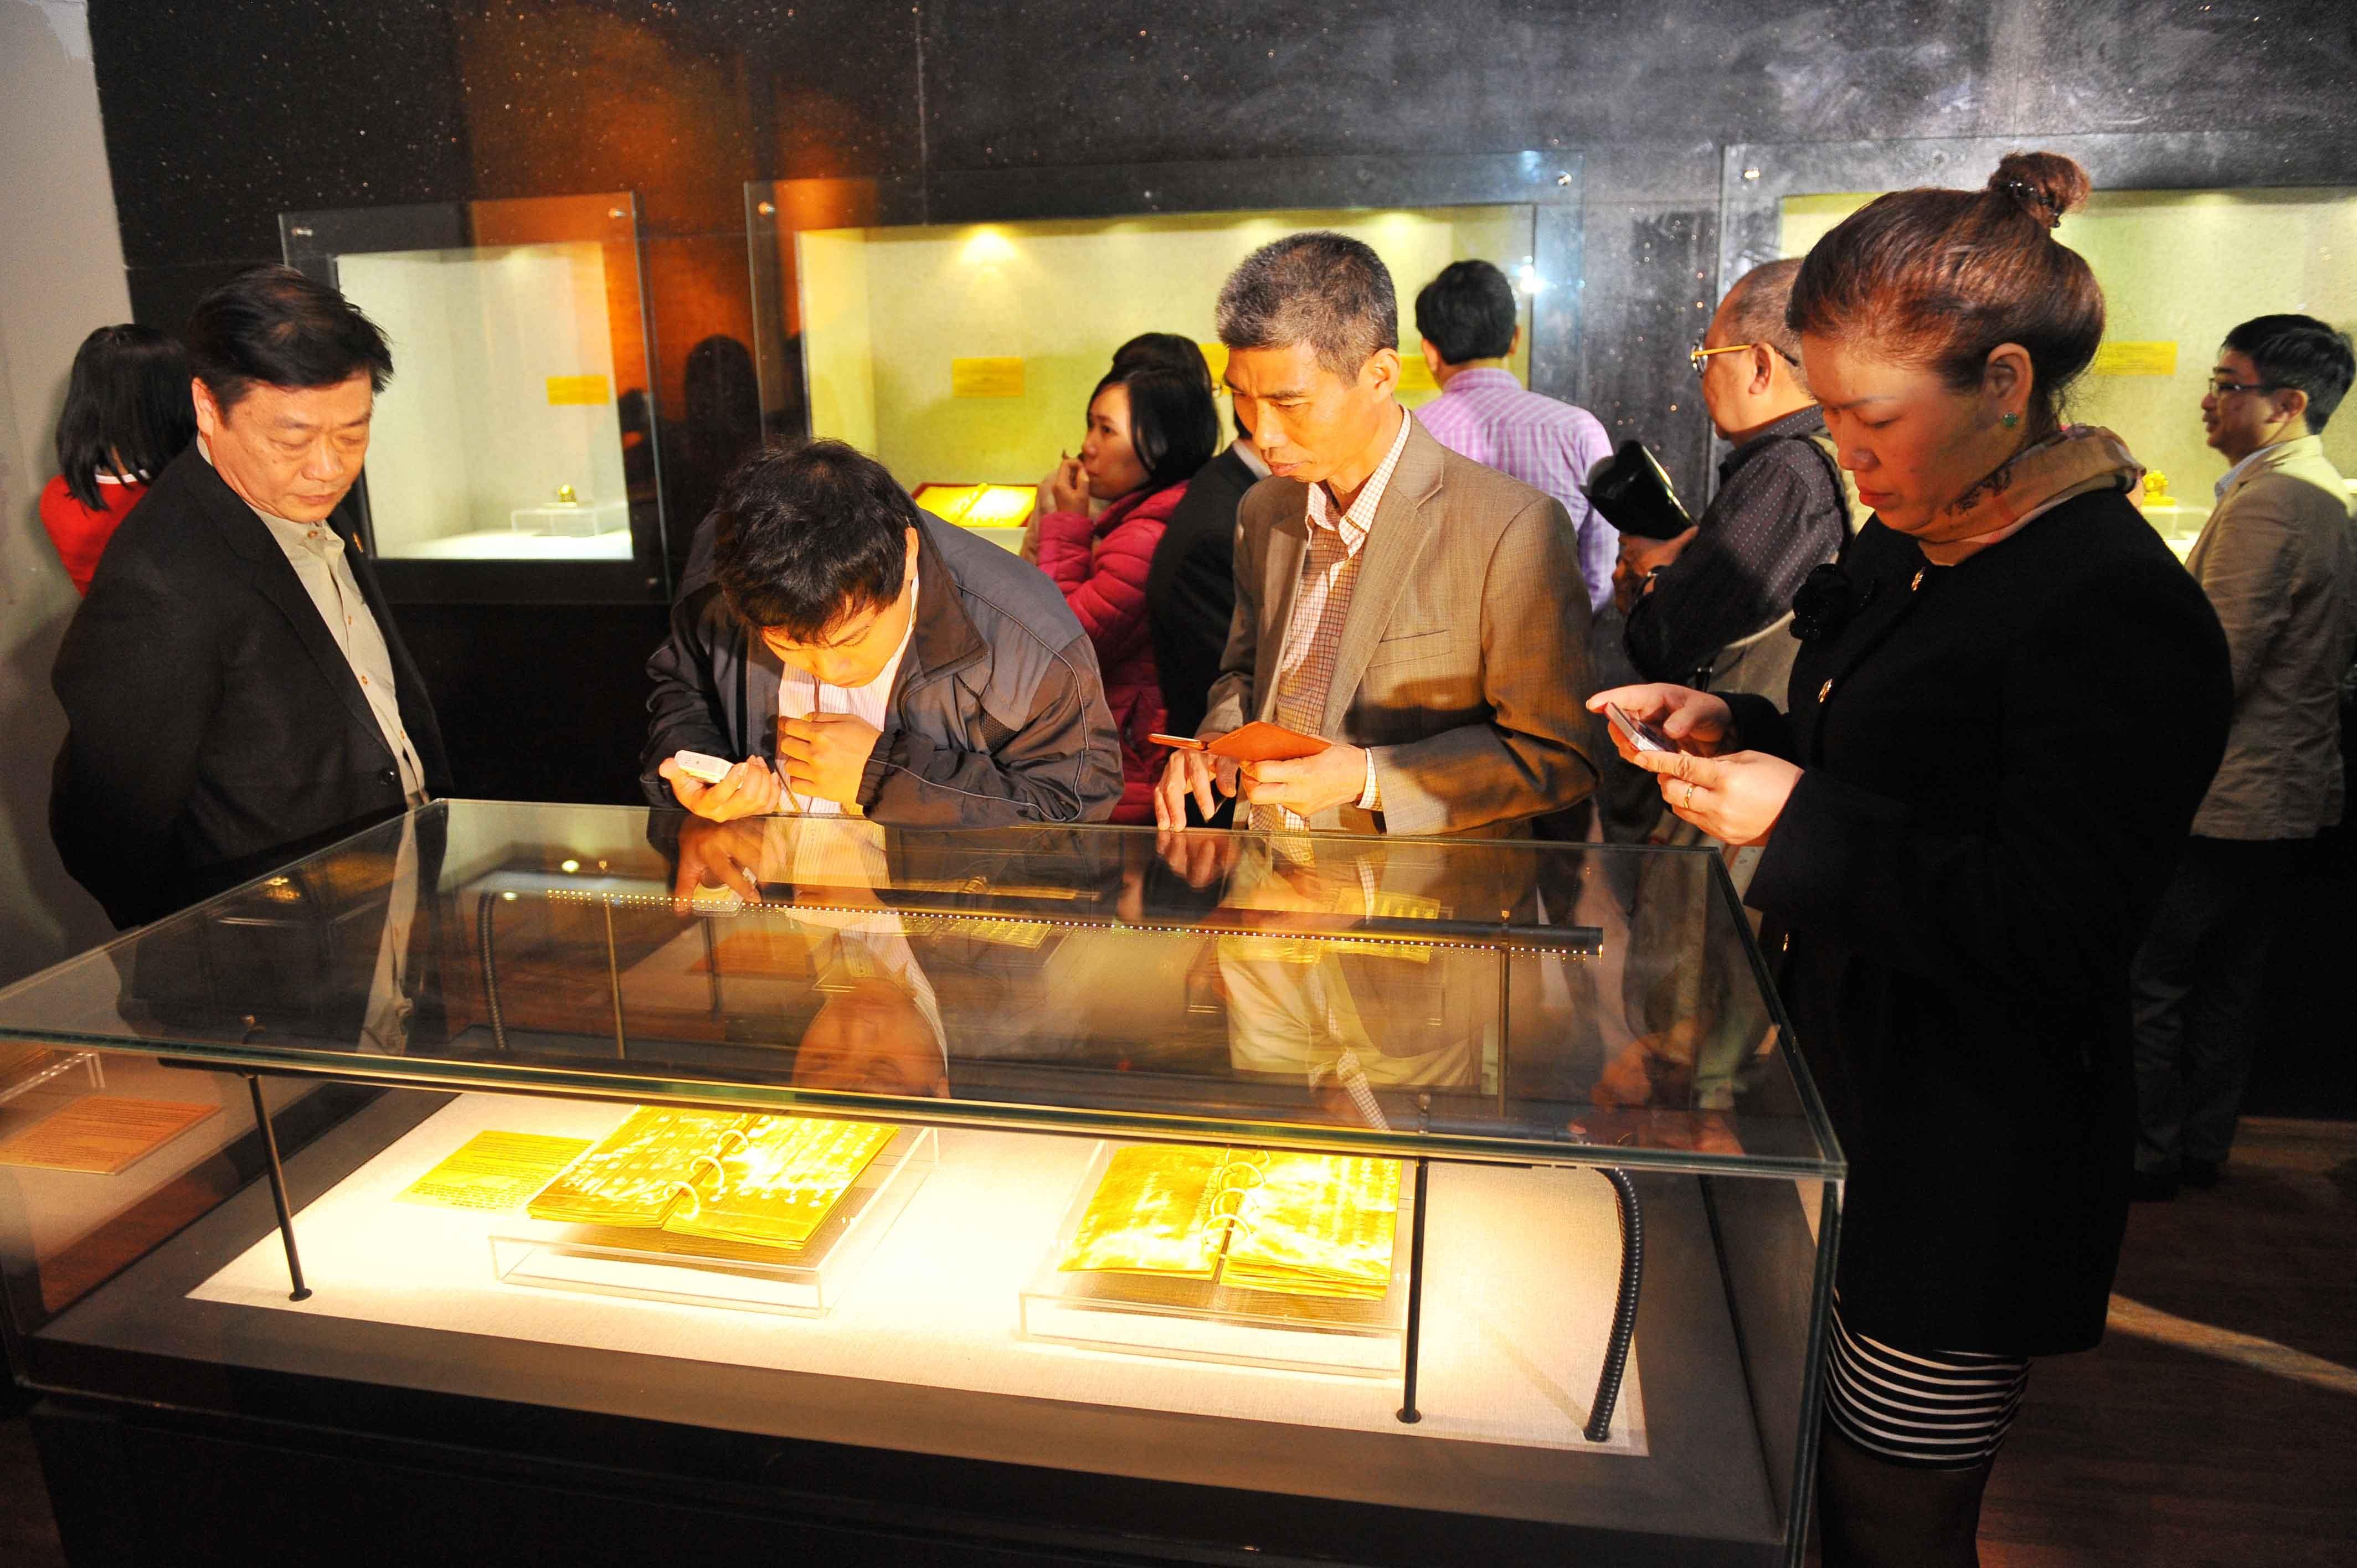 Nhiều khách đến tham quan đã không bỏ qua cơ hội chụp lại hình ảnh những cuốn kim sách quý hiếm.